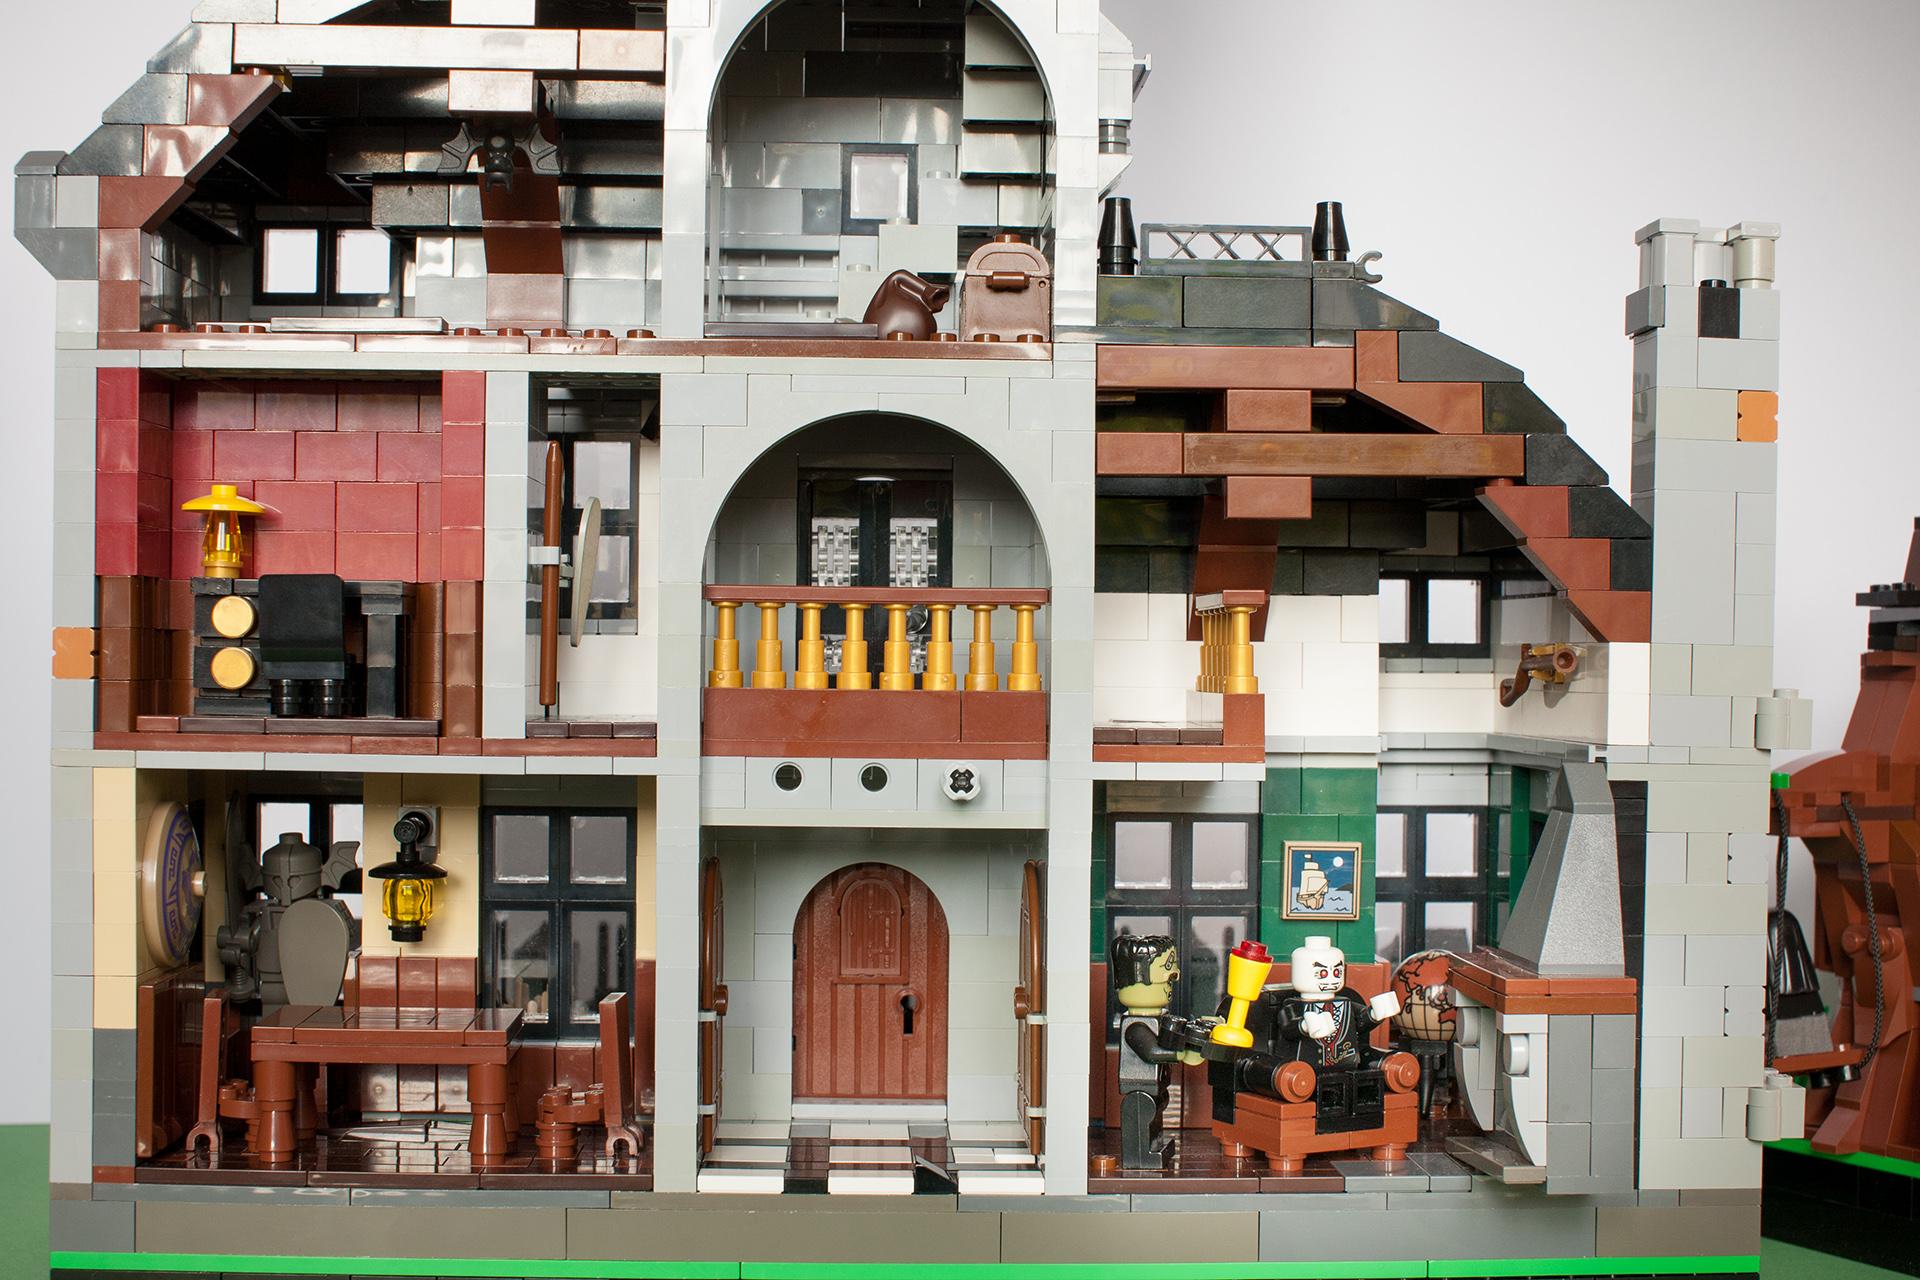 Tanie Klocki Lego Kraków Prezent Na 18 Urodziny Pomysły